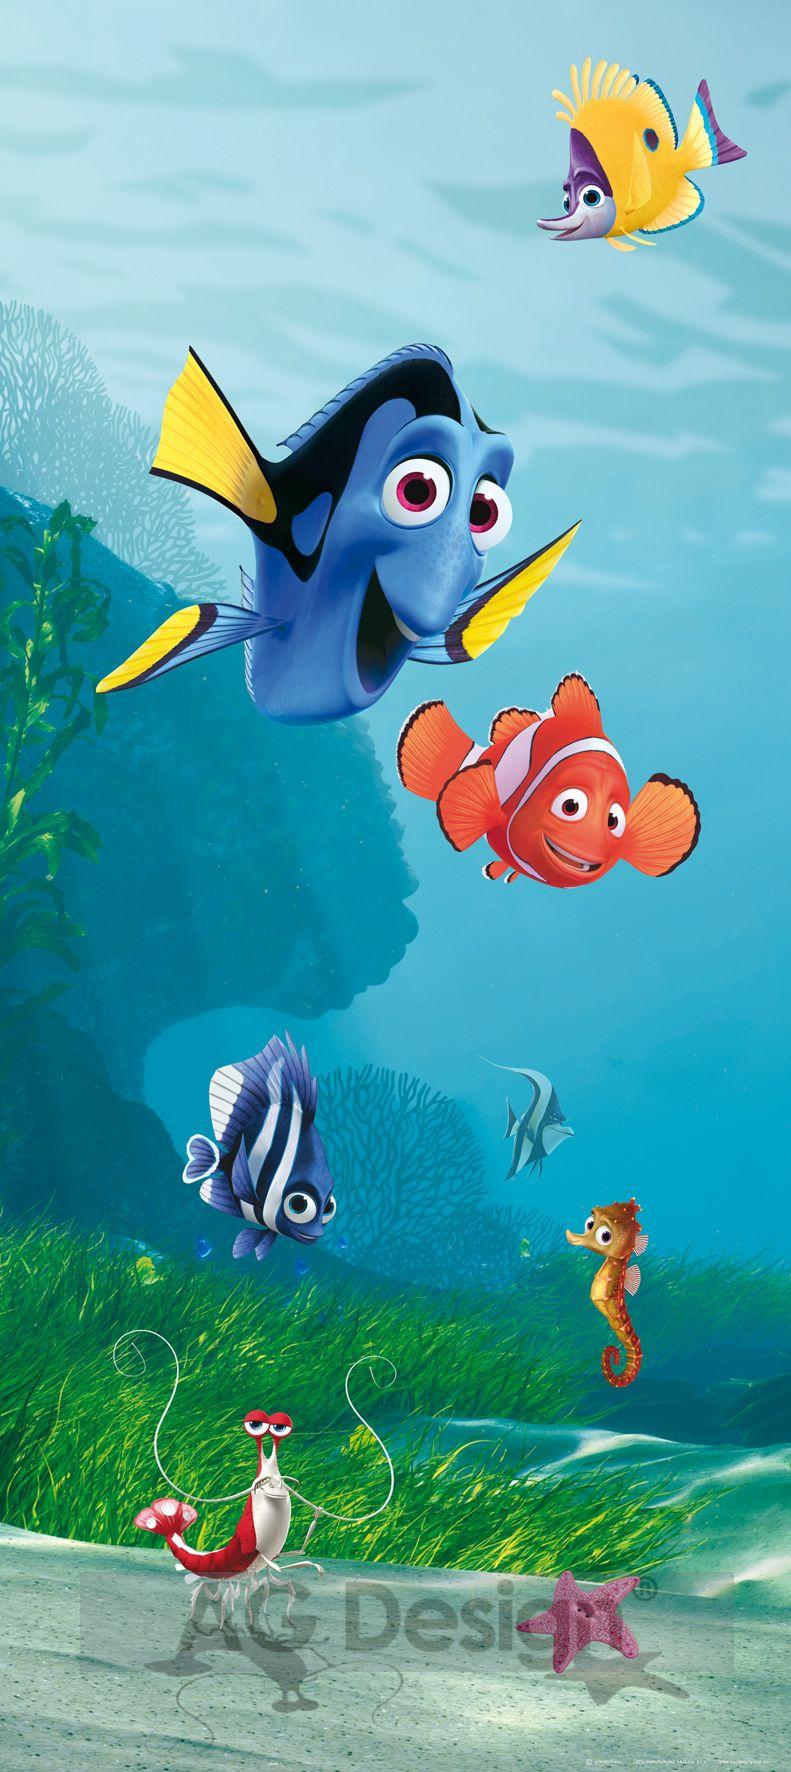 Fototapeta Hledá se Nemo FTDV1808 (1-dílná papírová tapeta)